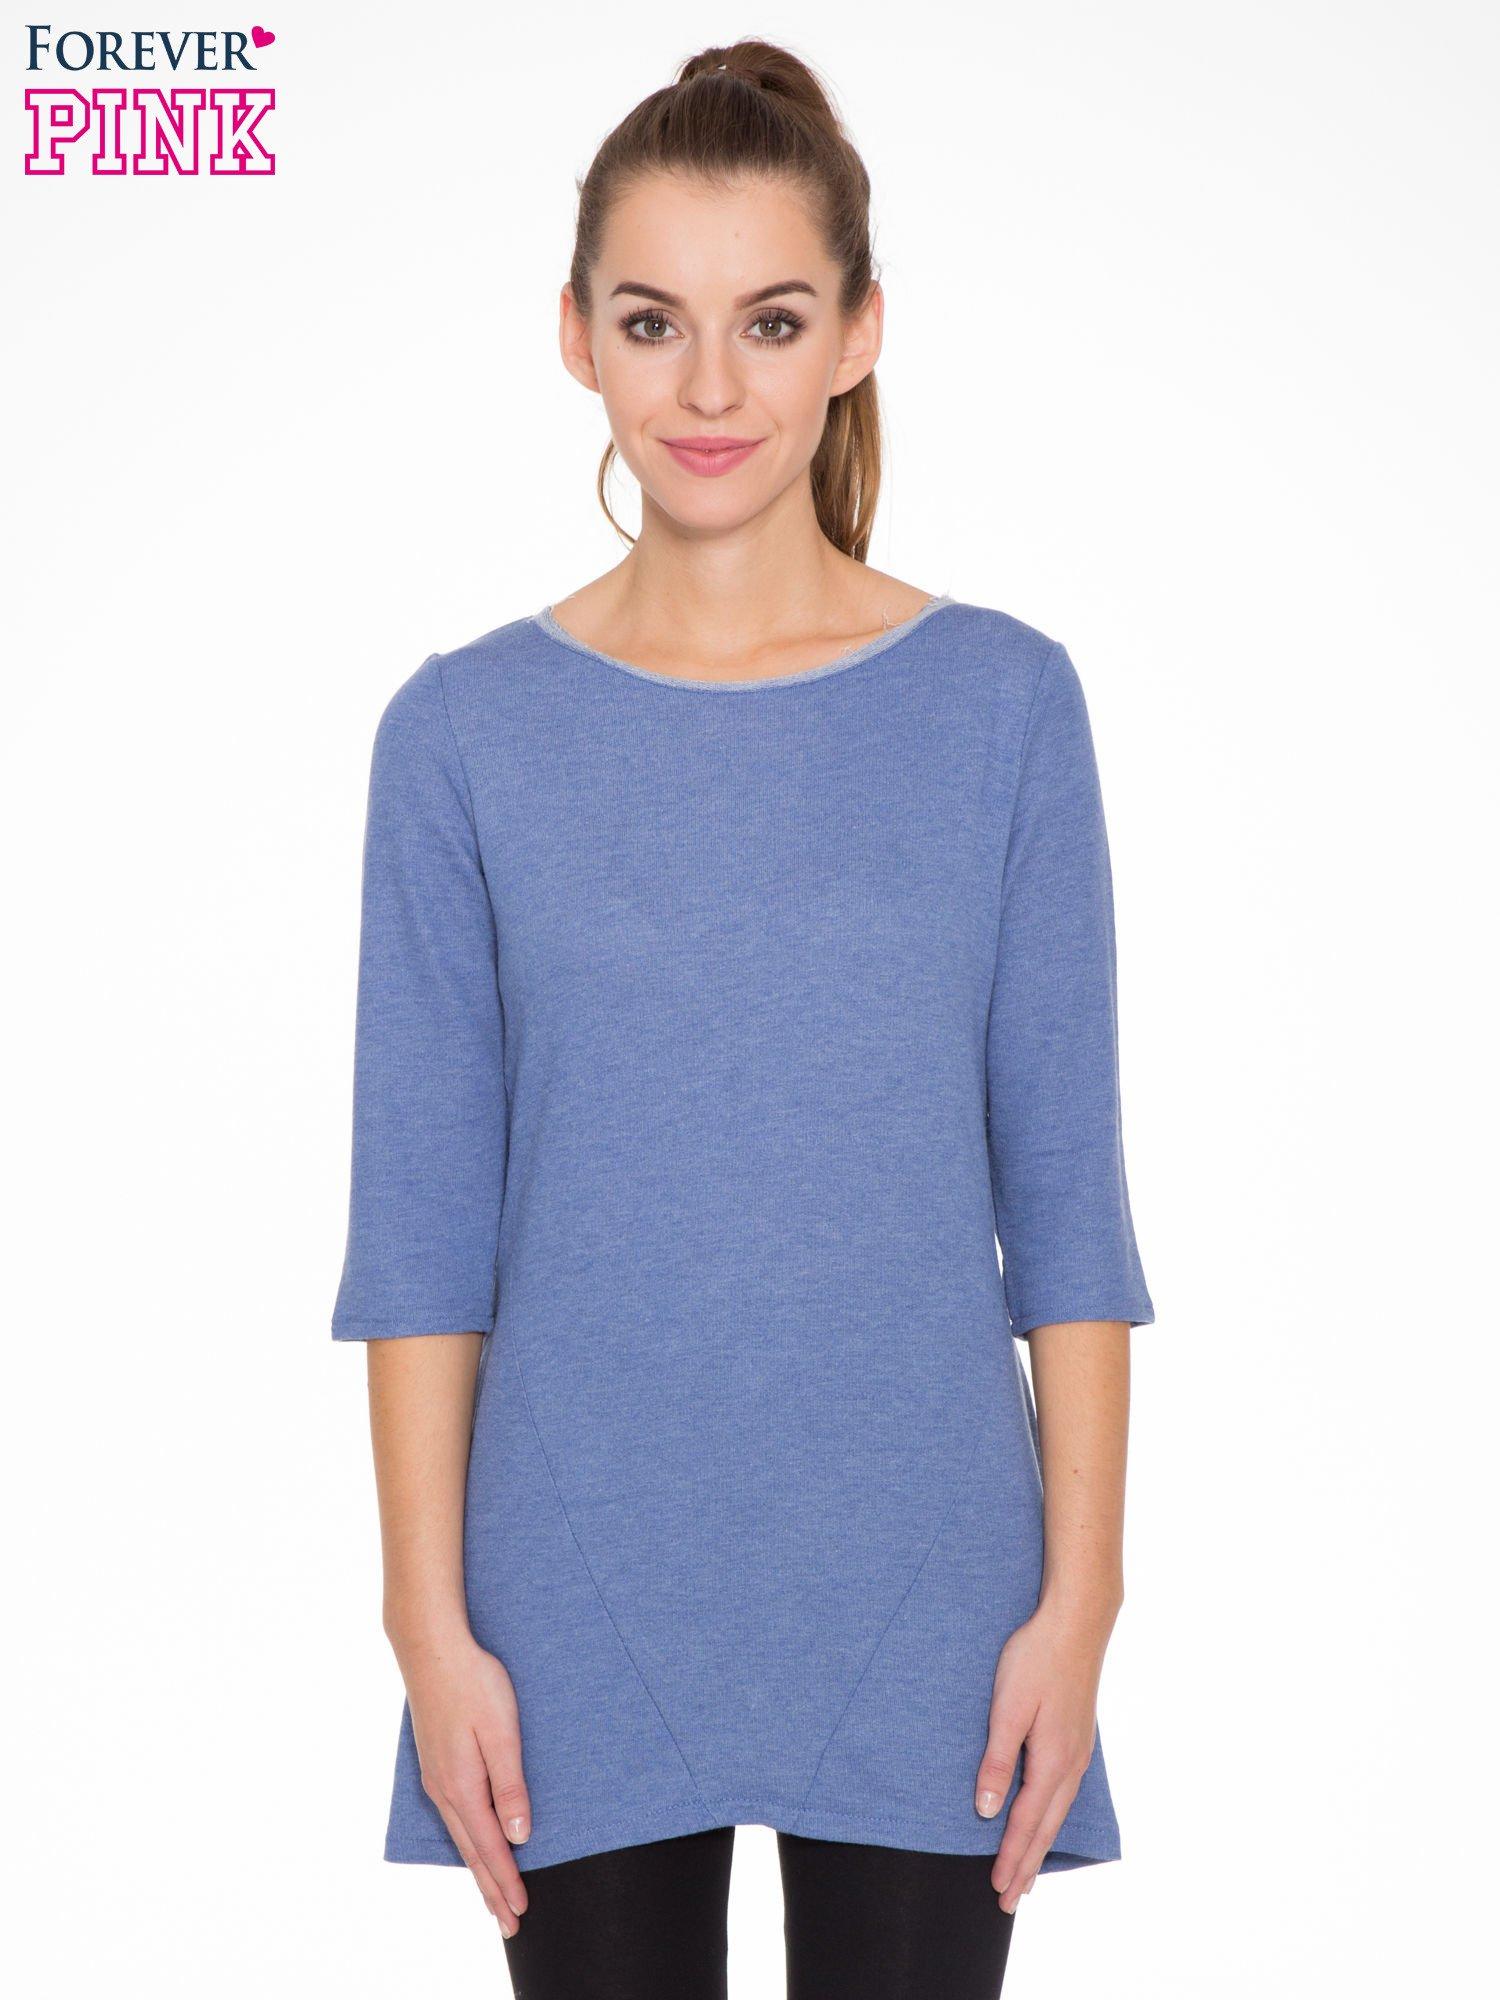 Niebieska tunika o kroju dzwonka wiązana z tyłu                                  zdj.                                  1